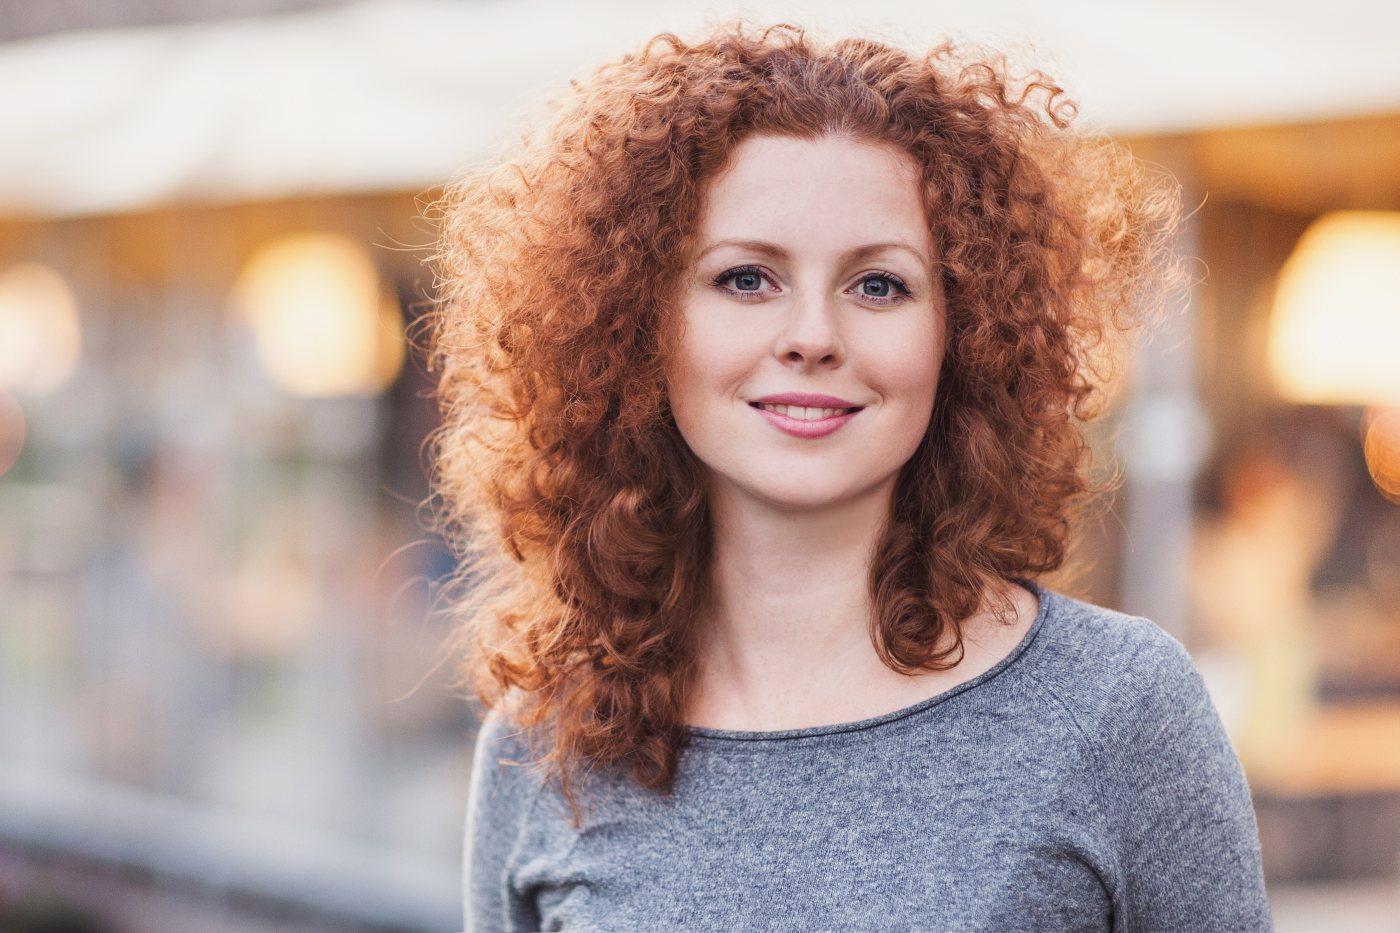 Mulher com cabelo encaracolado